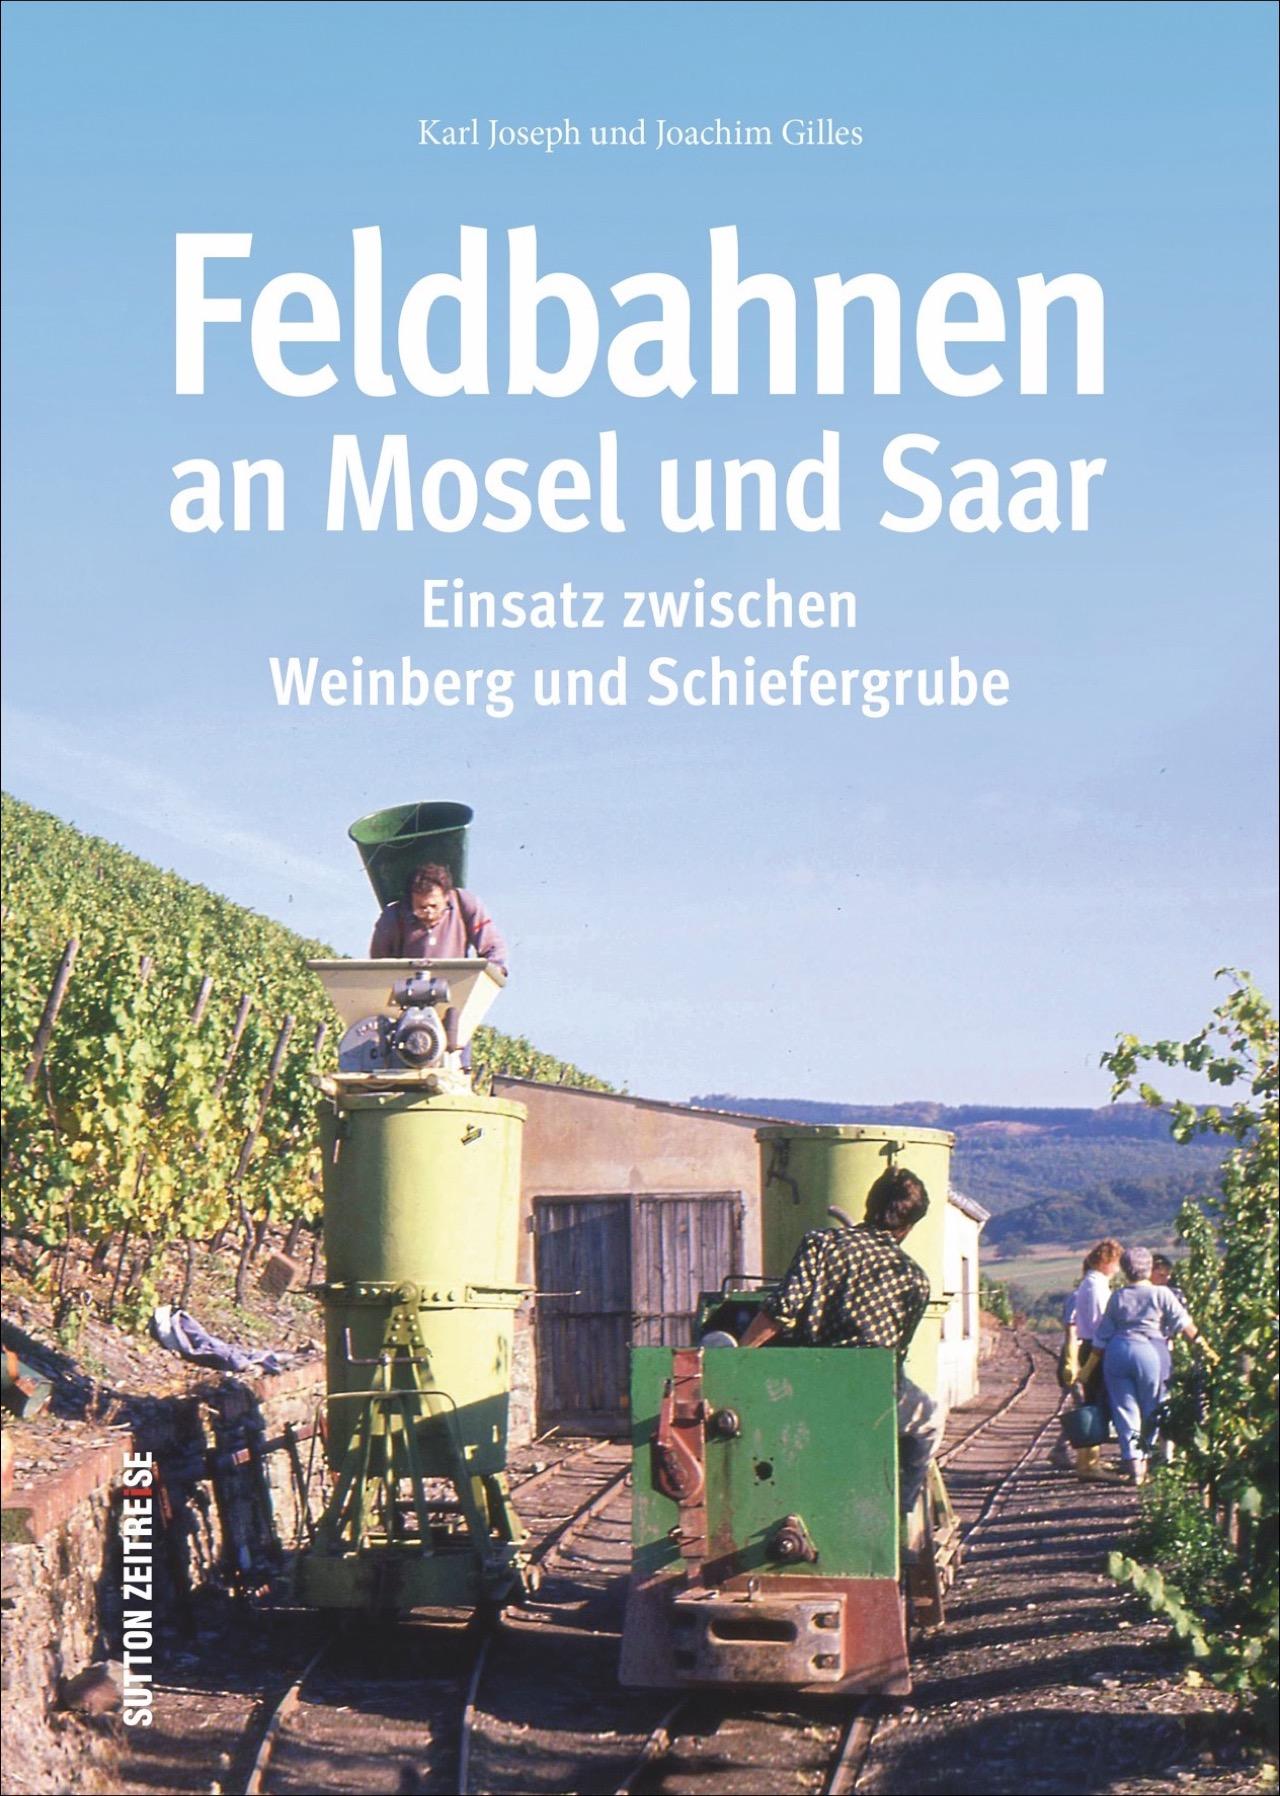 Feldbahnen-an-Mosel-und-Saar-Joachim-Gilles-9783954009176